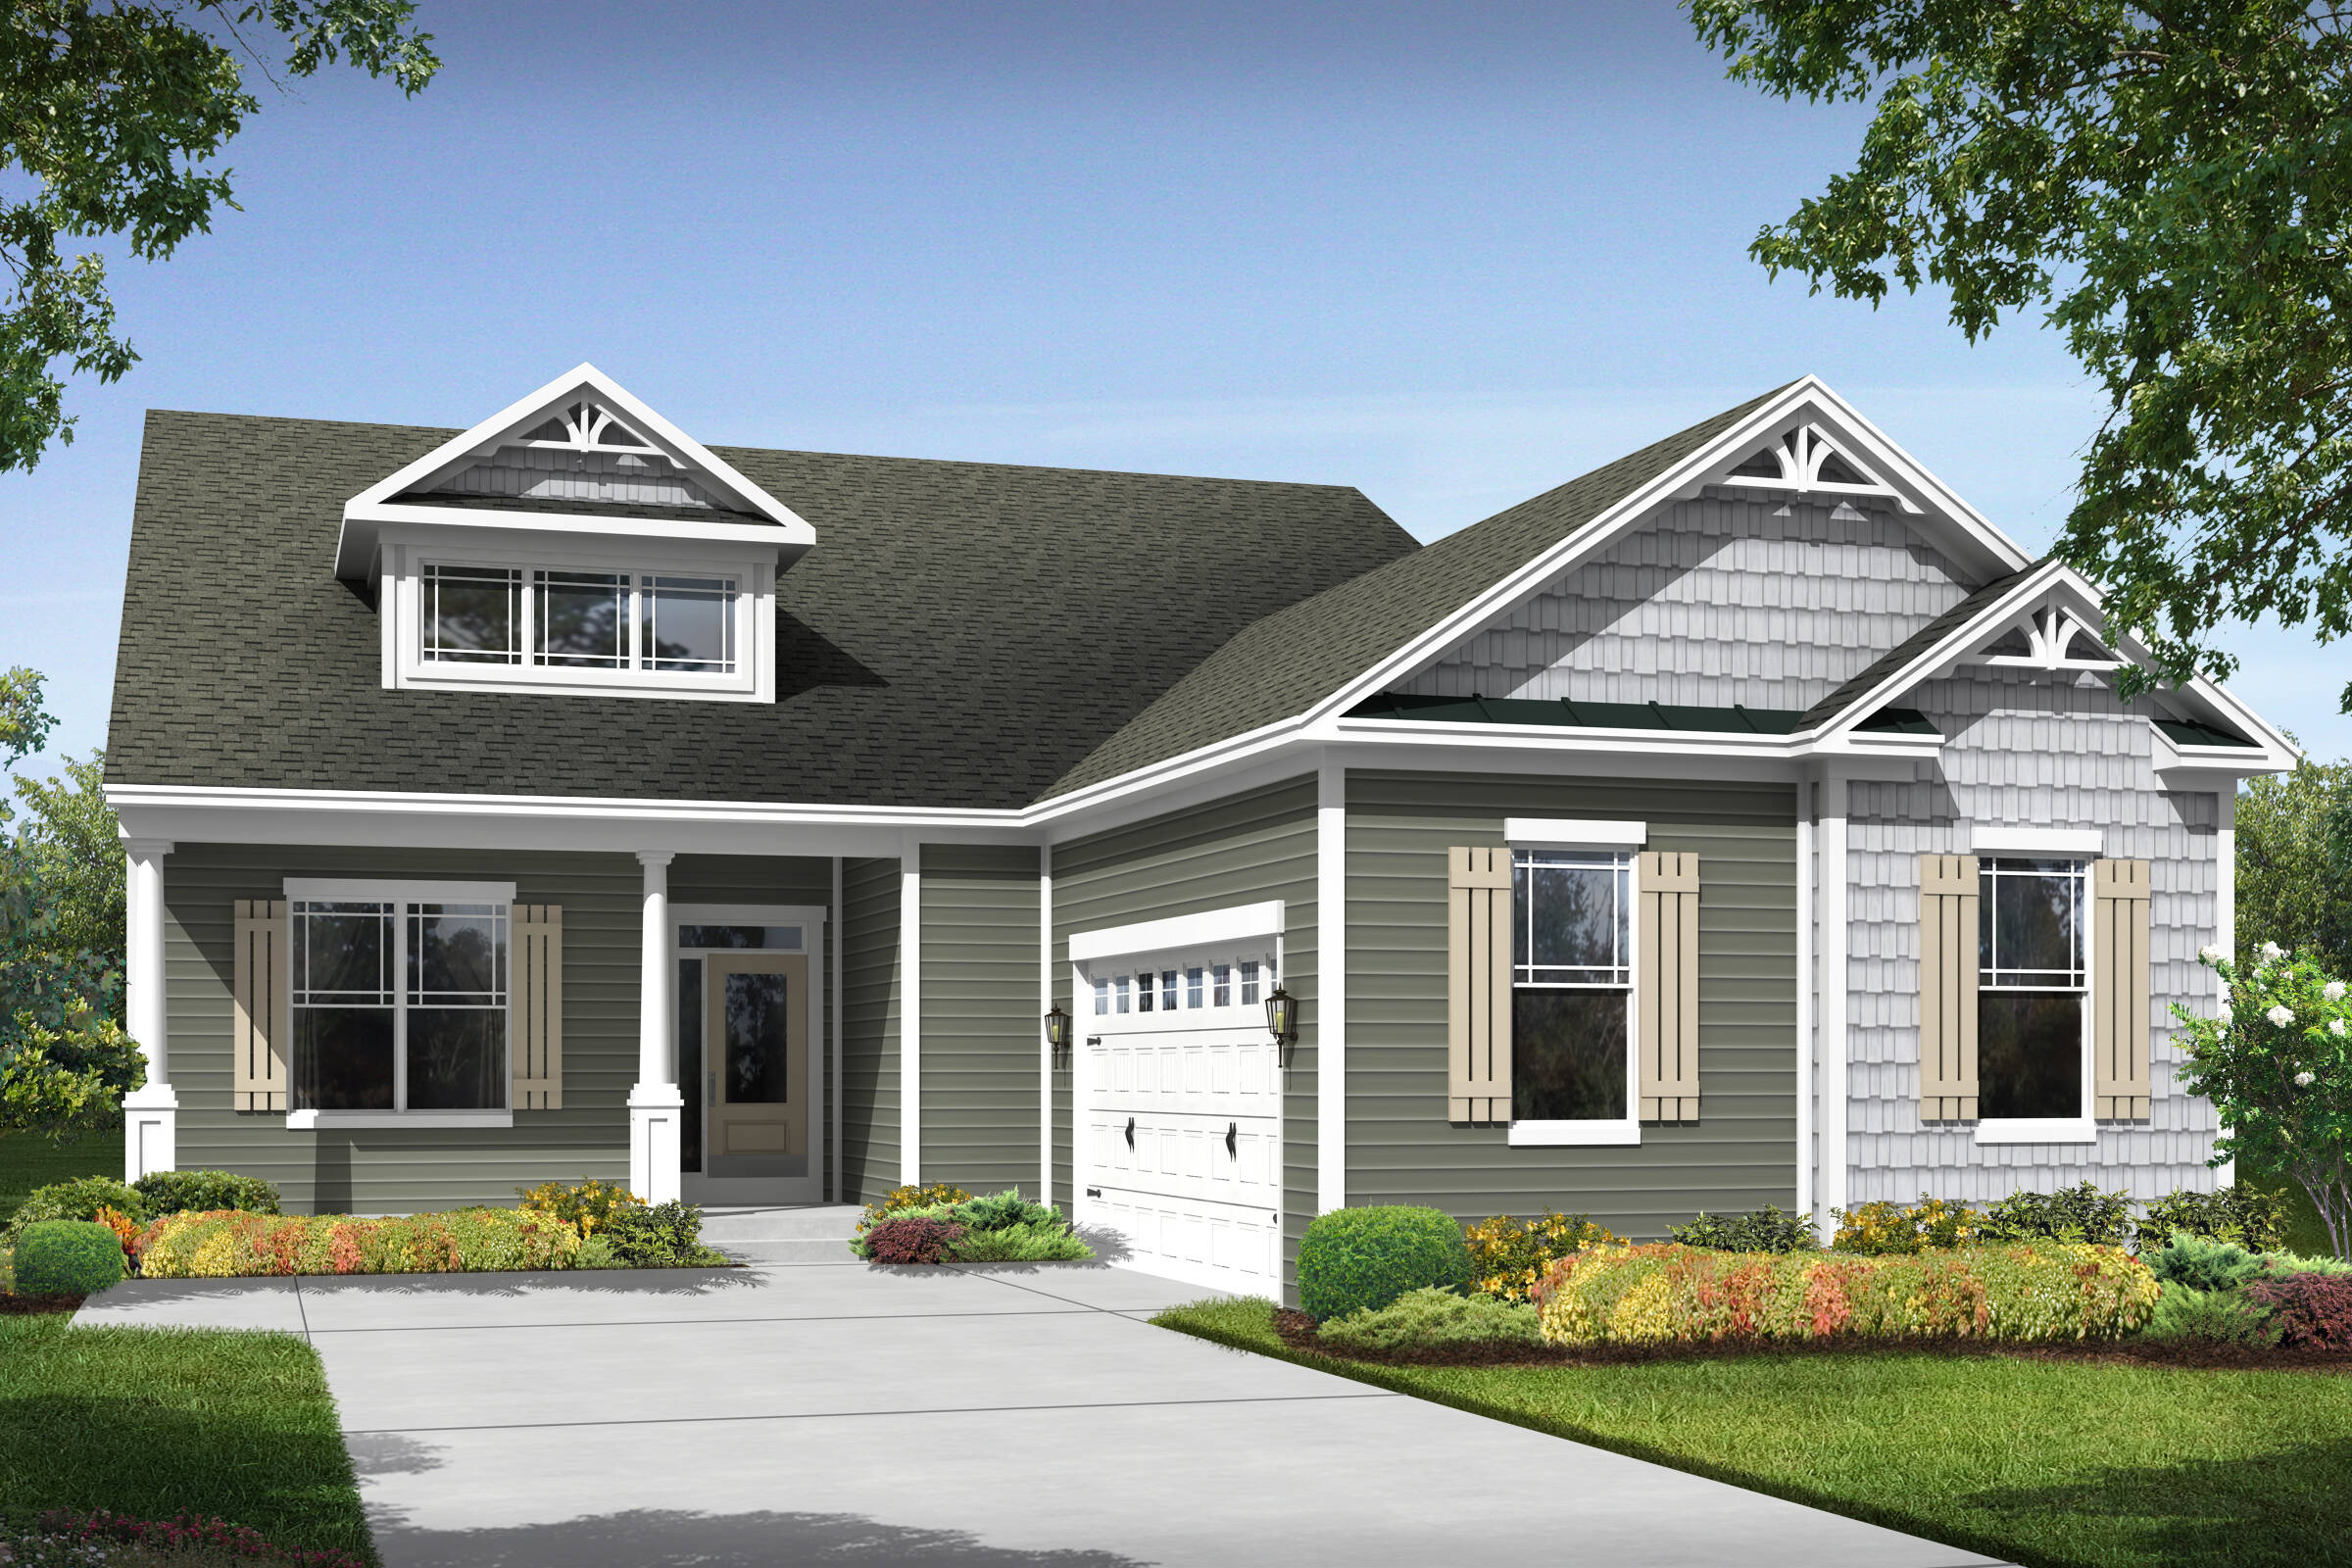 lewes-i-b-new-homes-at-ovbc